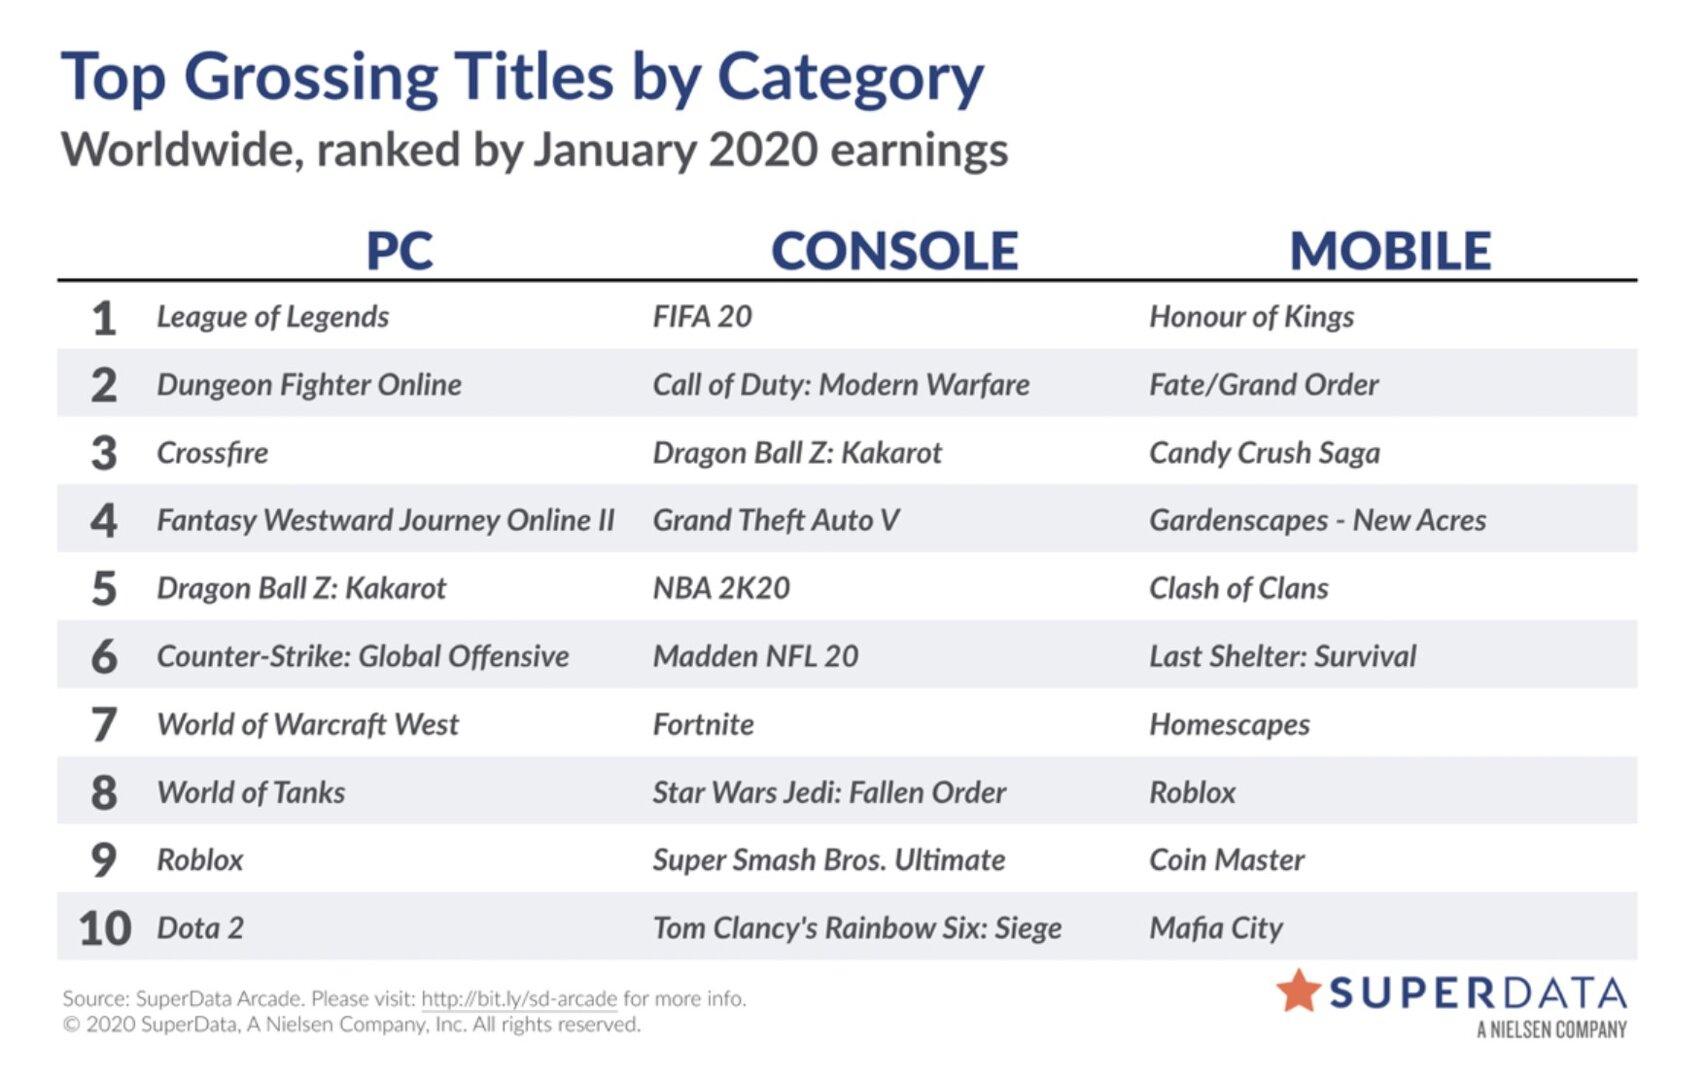 Liste der digital umsatzstärksten Videospiele im Januar 2020